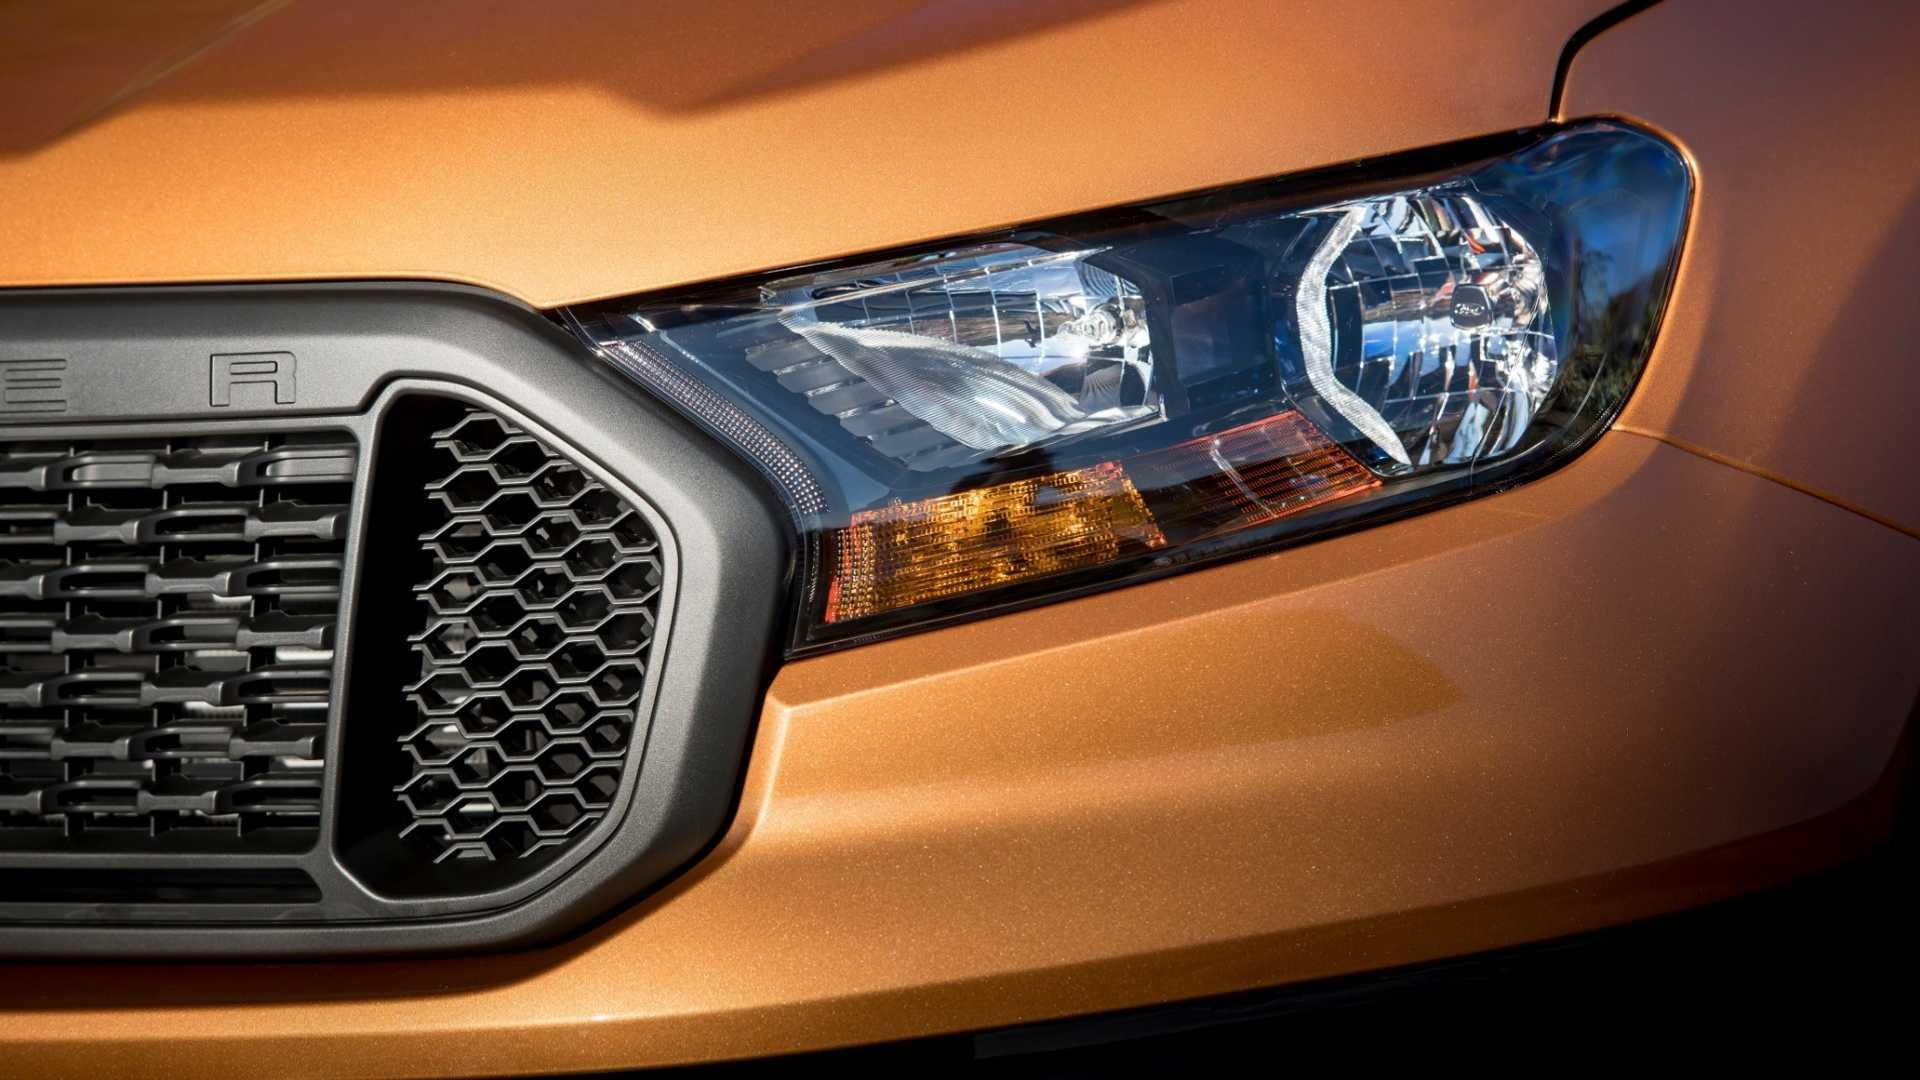 2019-ford-ranger-danh-gia-9.jpg